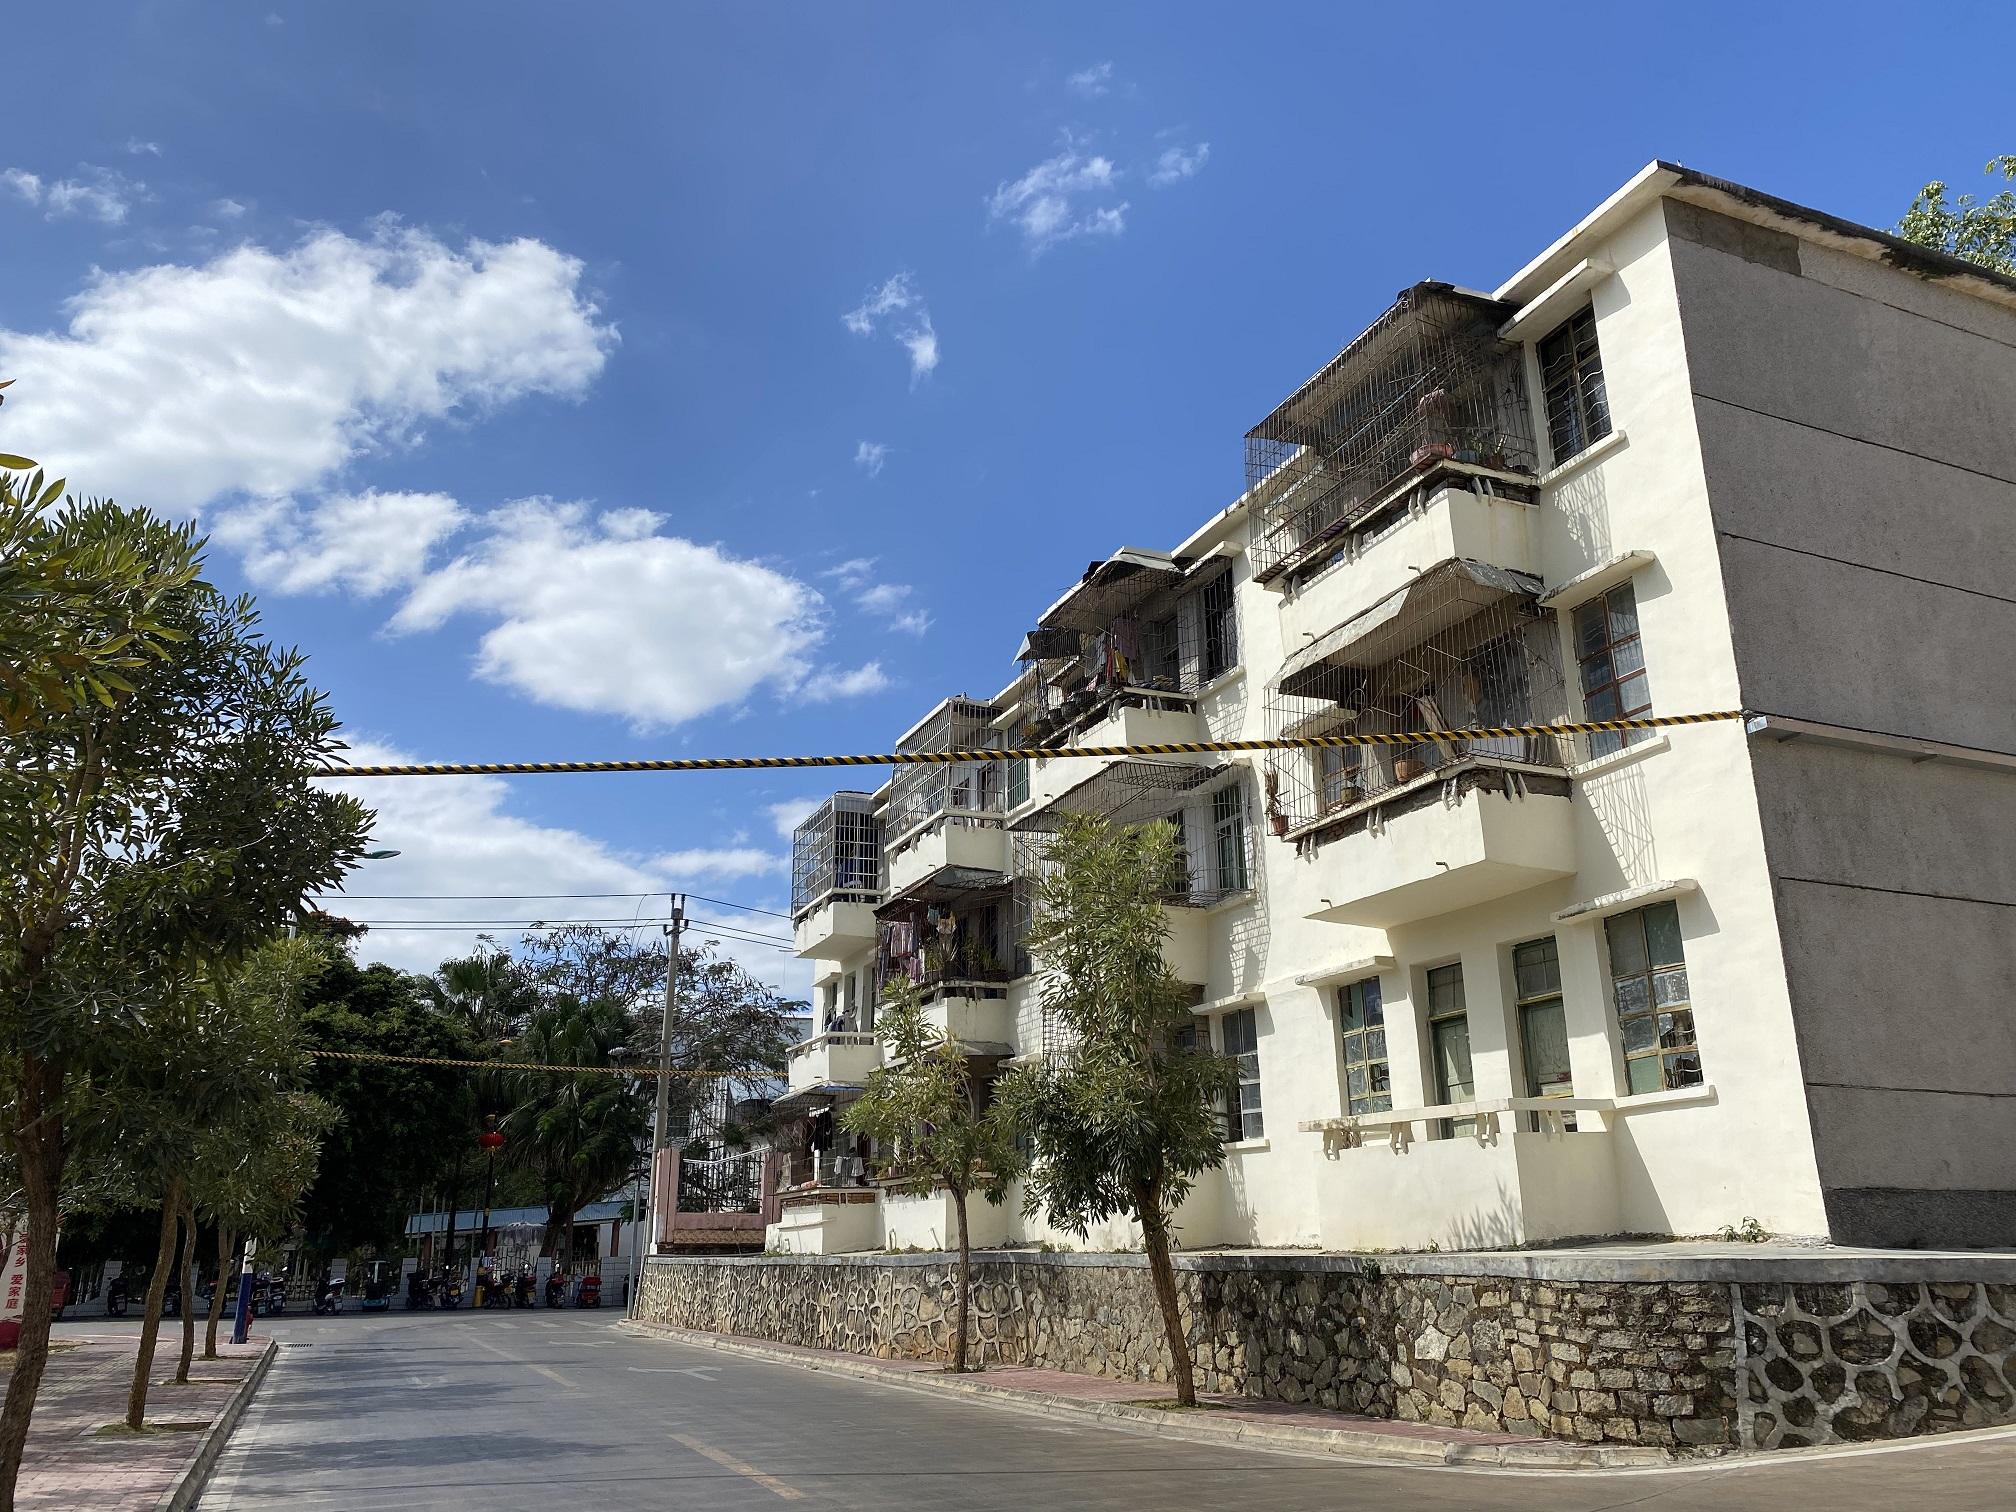 万宁开展城镇棚户区改造 建设功能设施完善的宜居城市